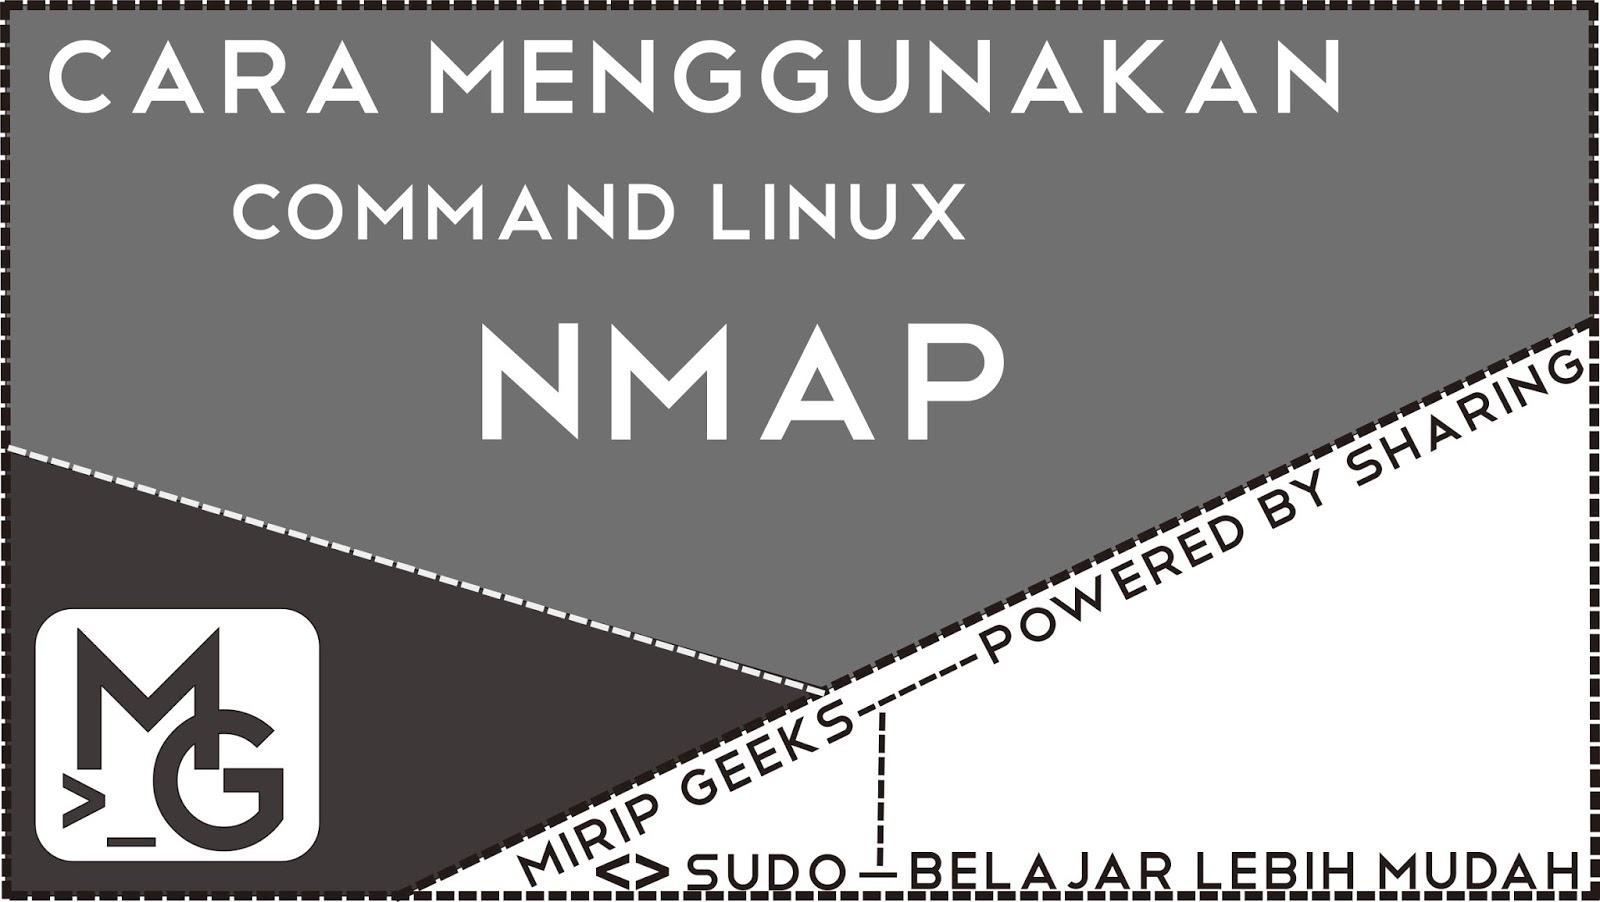 Belajar cara menggunakan command nmap linux